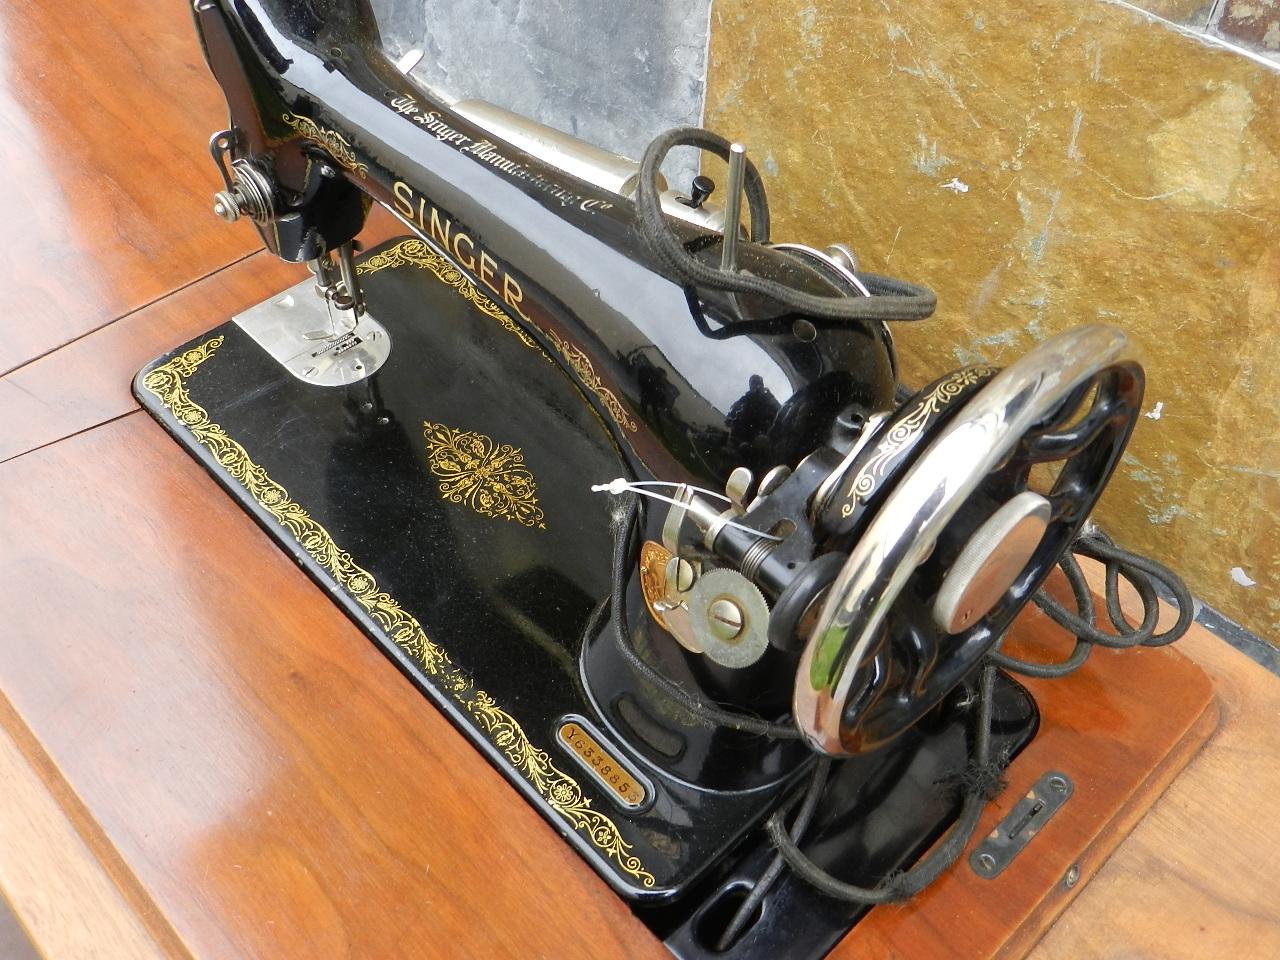 Imagen SINGER + MUEBLE DECORADO AÑO 1930 40736